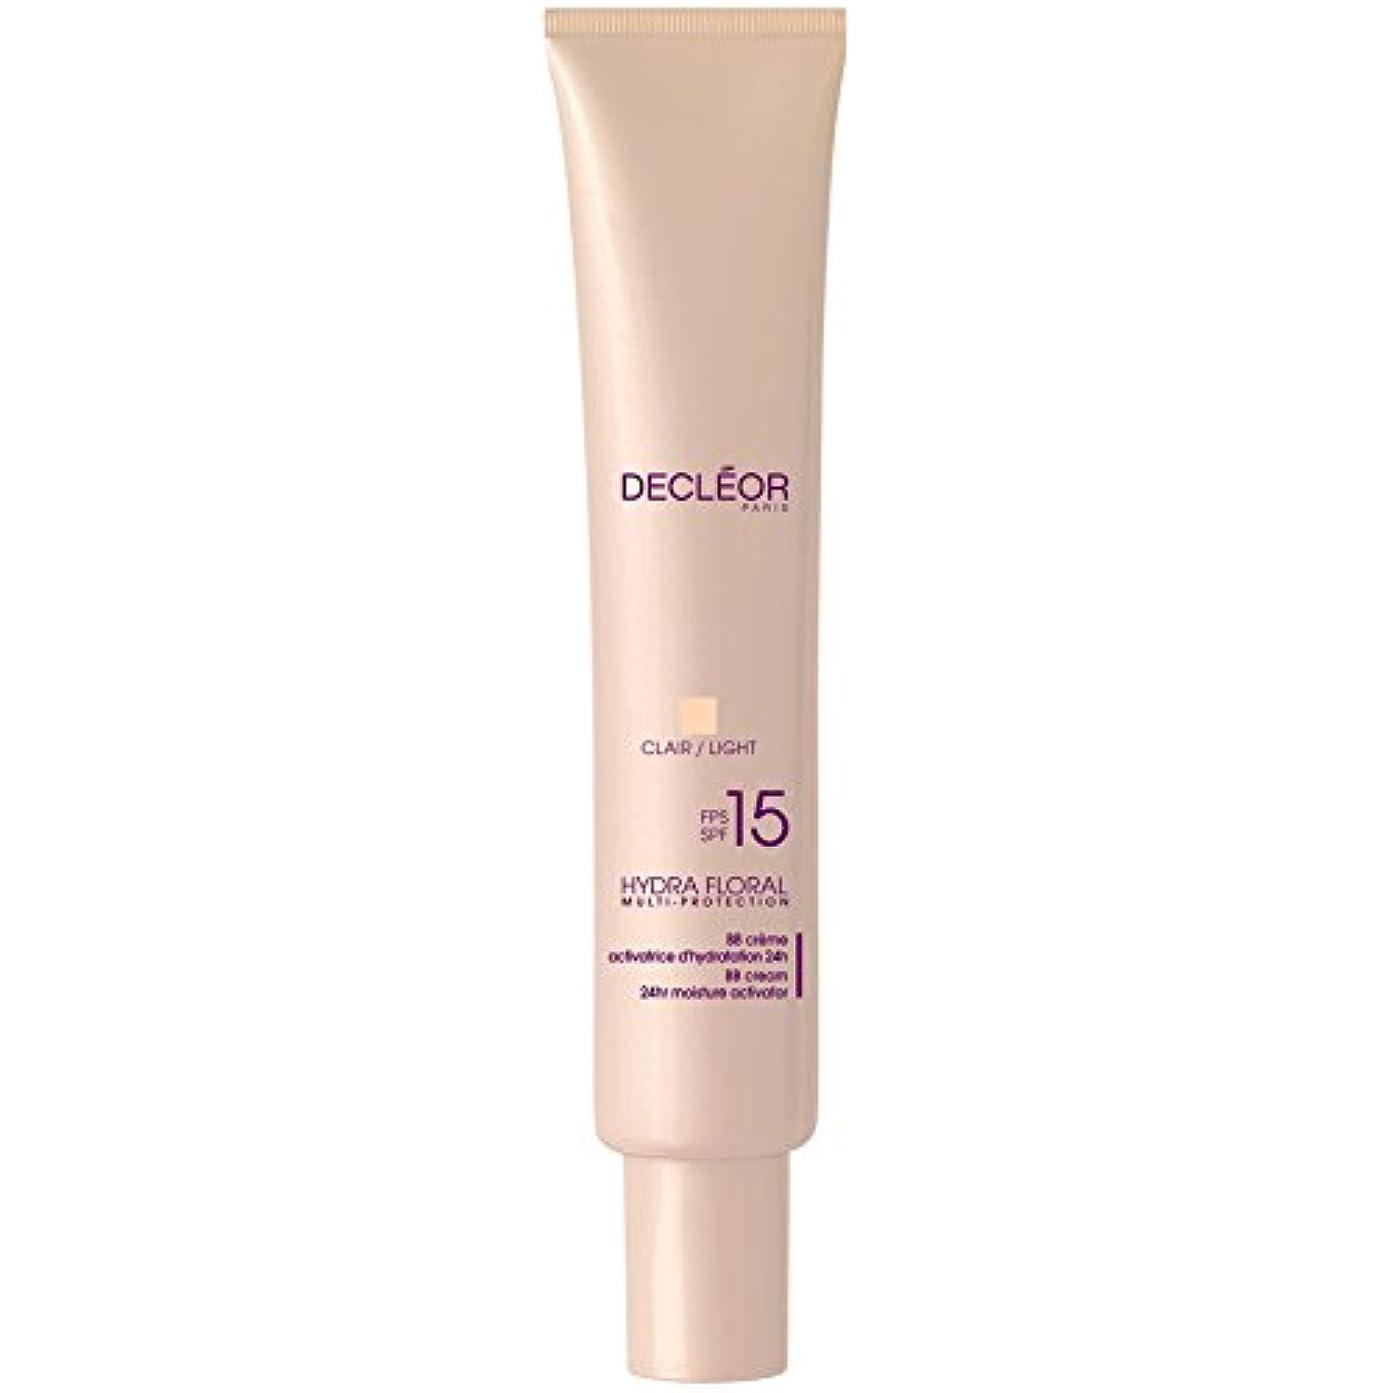 不利増幅前任者[Decl?or ] デクレオールBbクリームスキンパーフェクの40Mlの光 - Decl?or BB Cream Skin Perfector 40ml Light [並行輸入品]